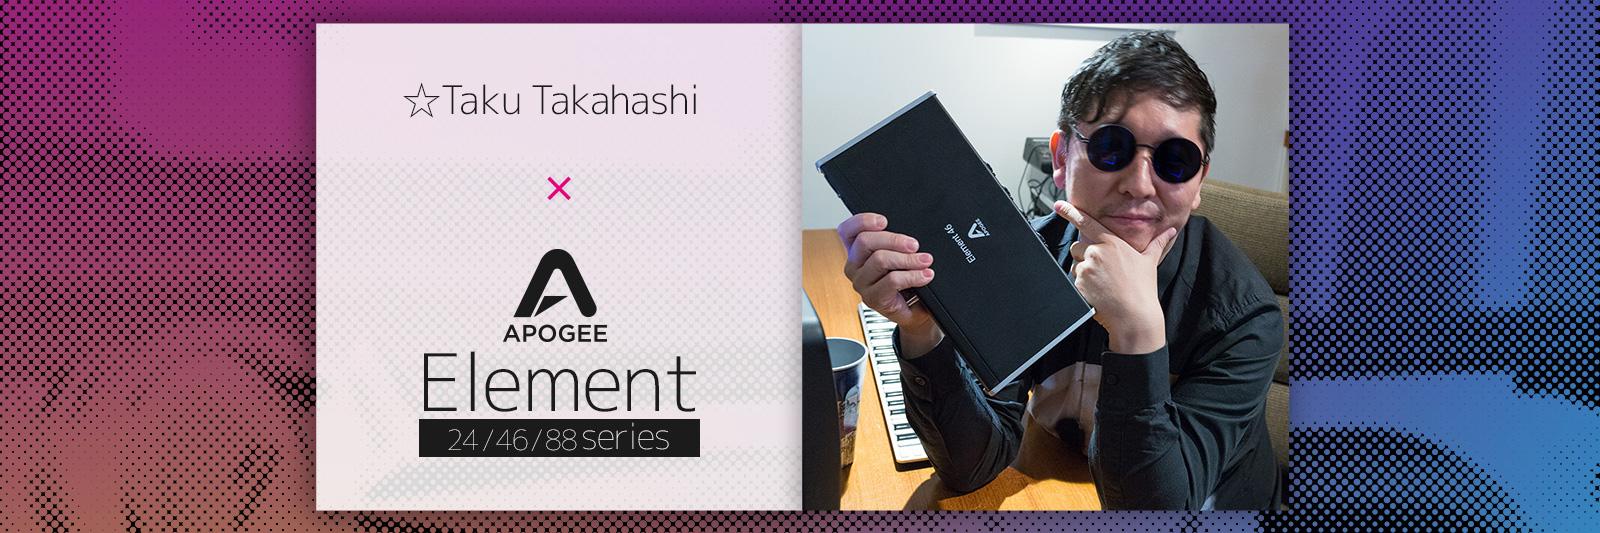 element_takutakahashi_bnr